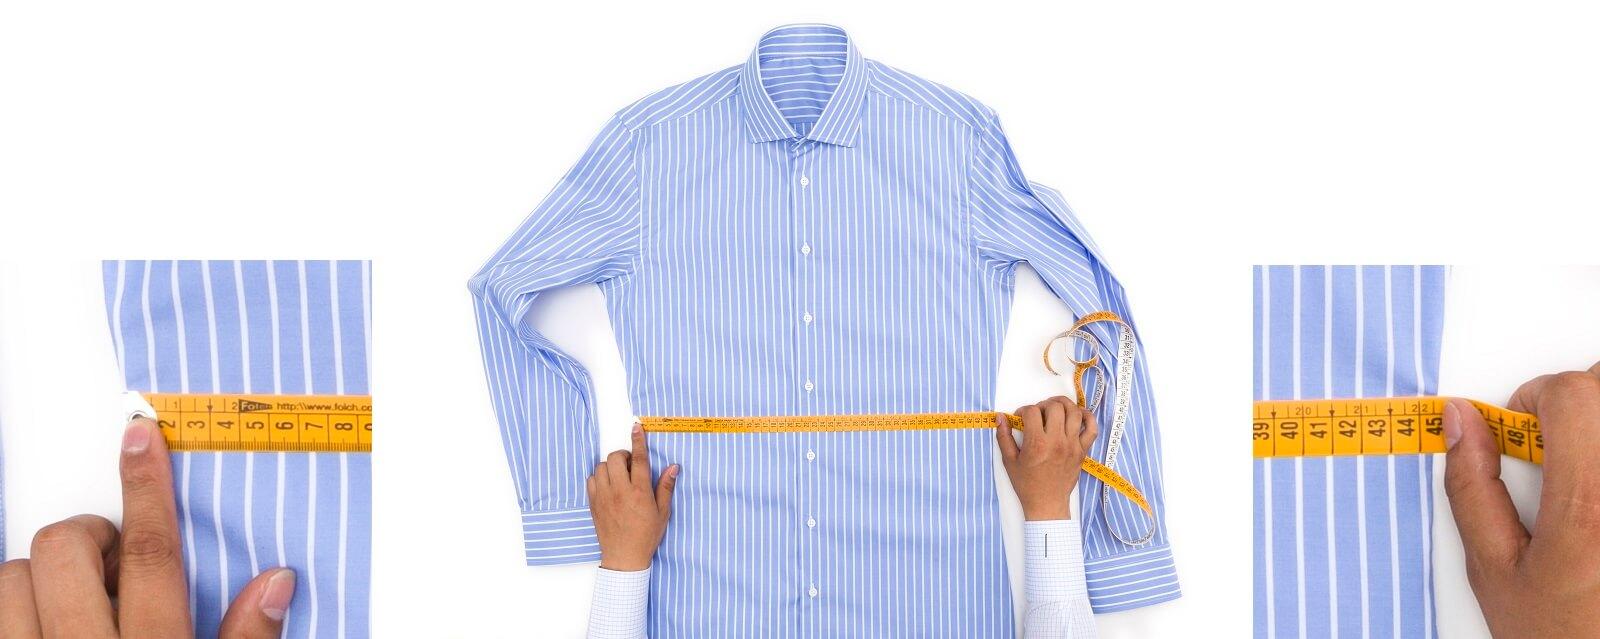 Como se mide la cintura de una camisa